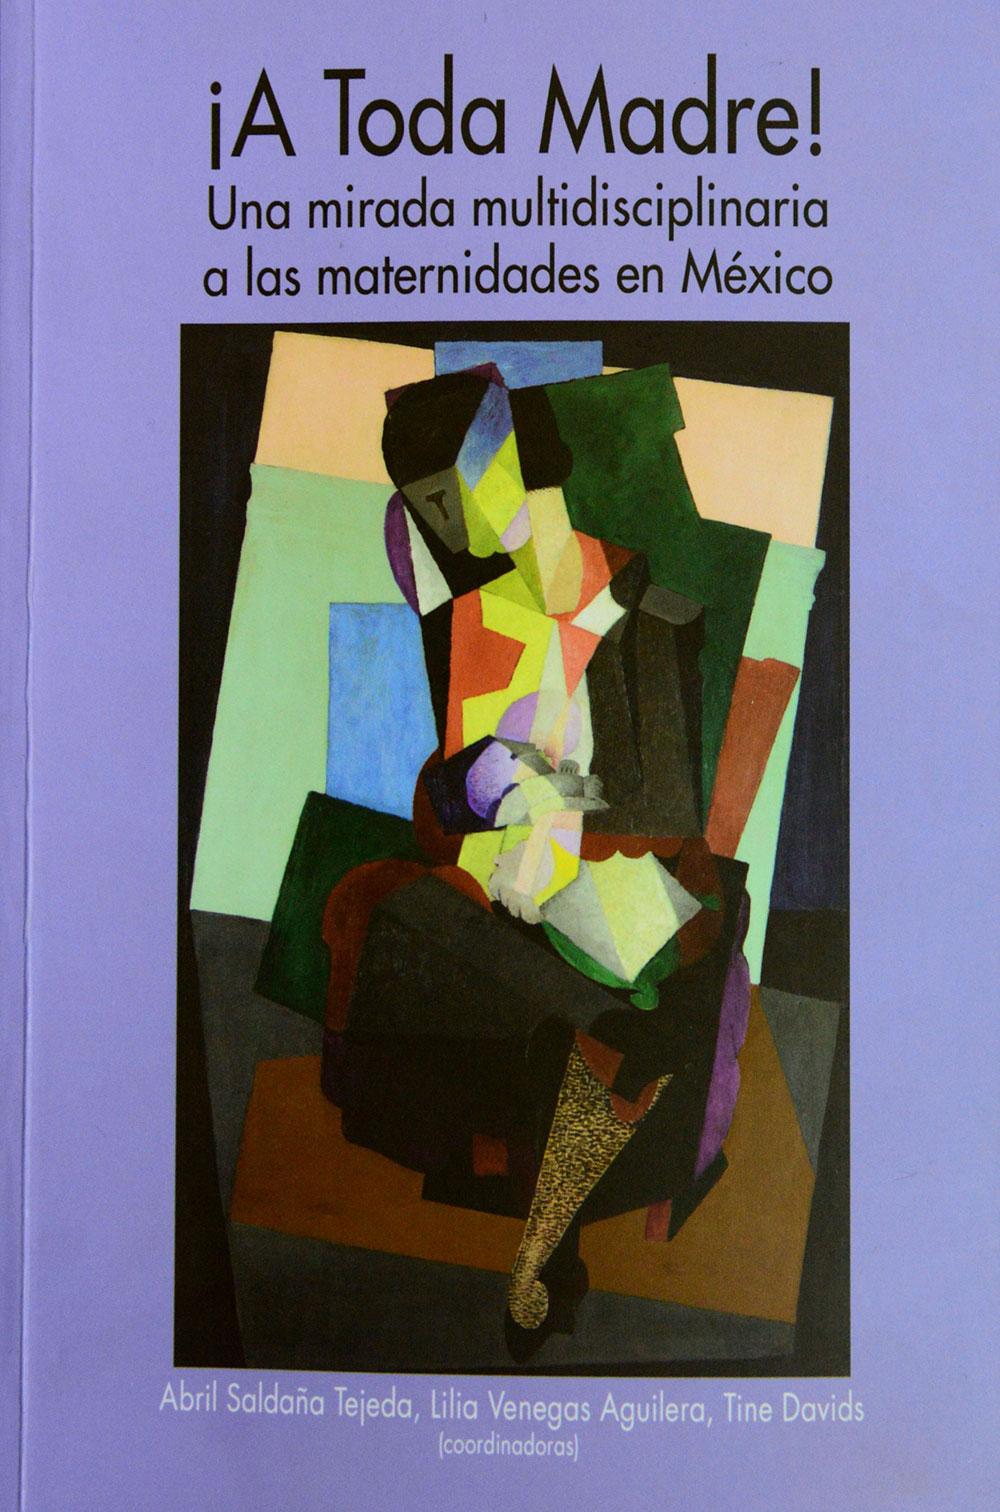 CONJUNTAN MIRADAS SOBRE LAS MATERNIDADES EN MÉXICO EN EL LIBRO ¡A TODA MADRE!